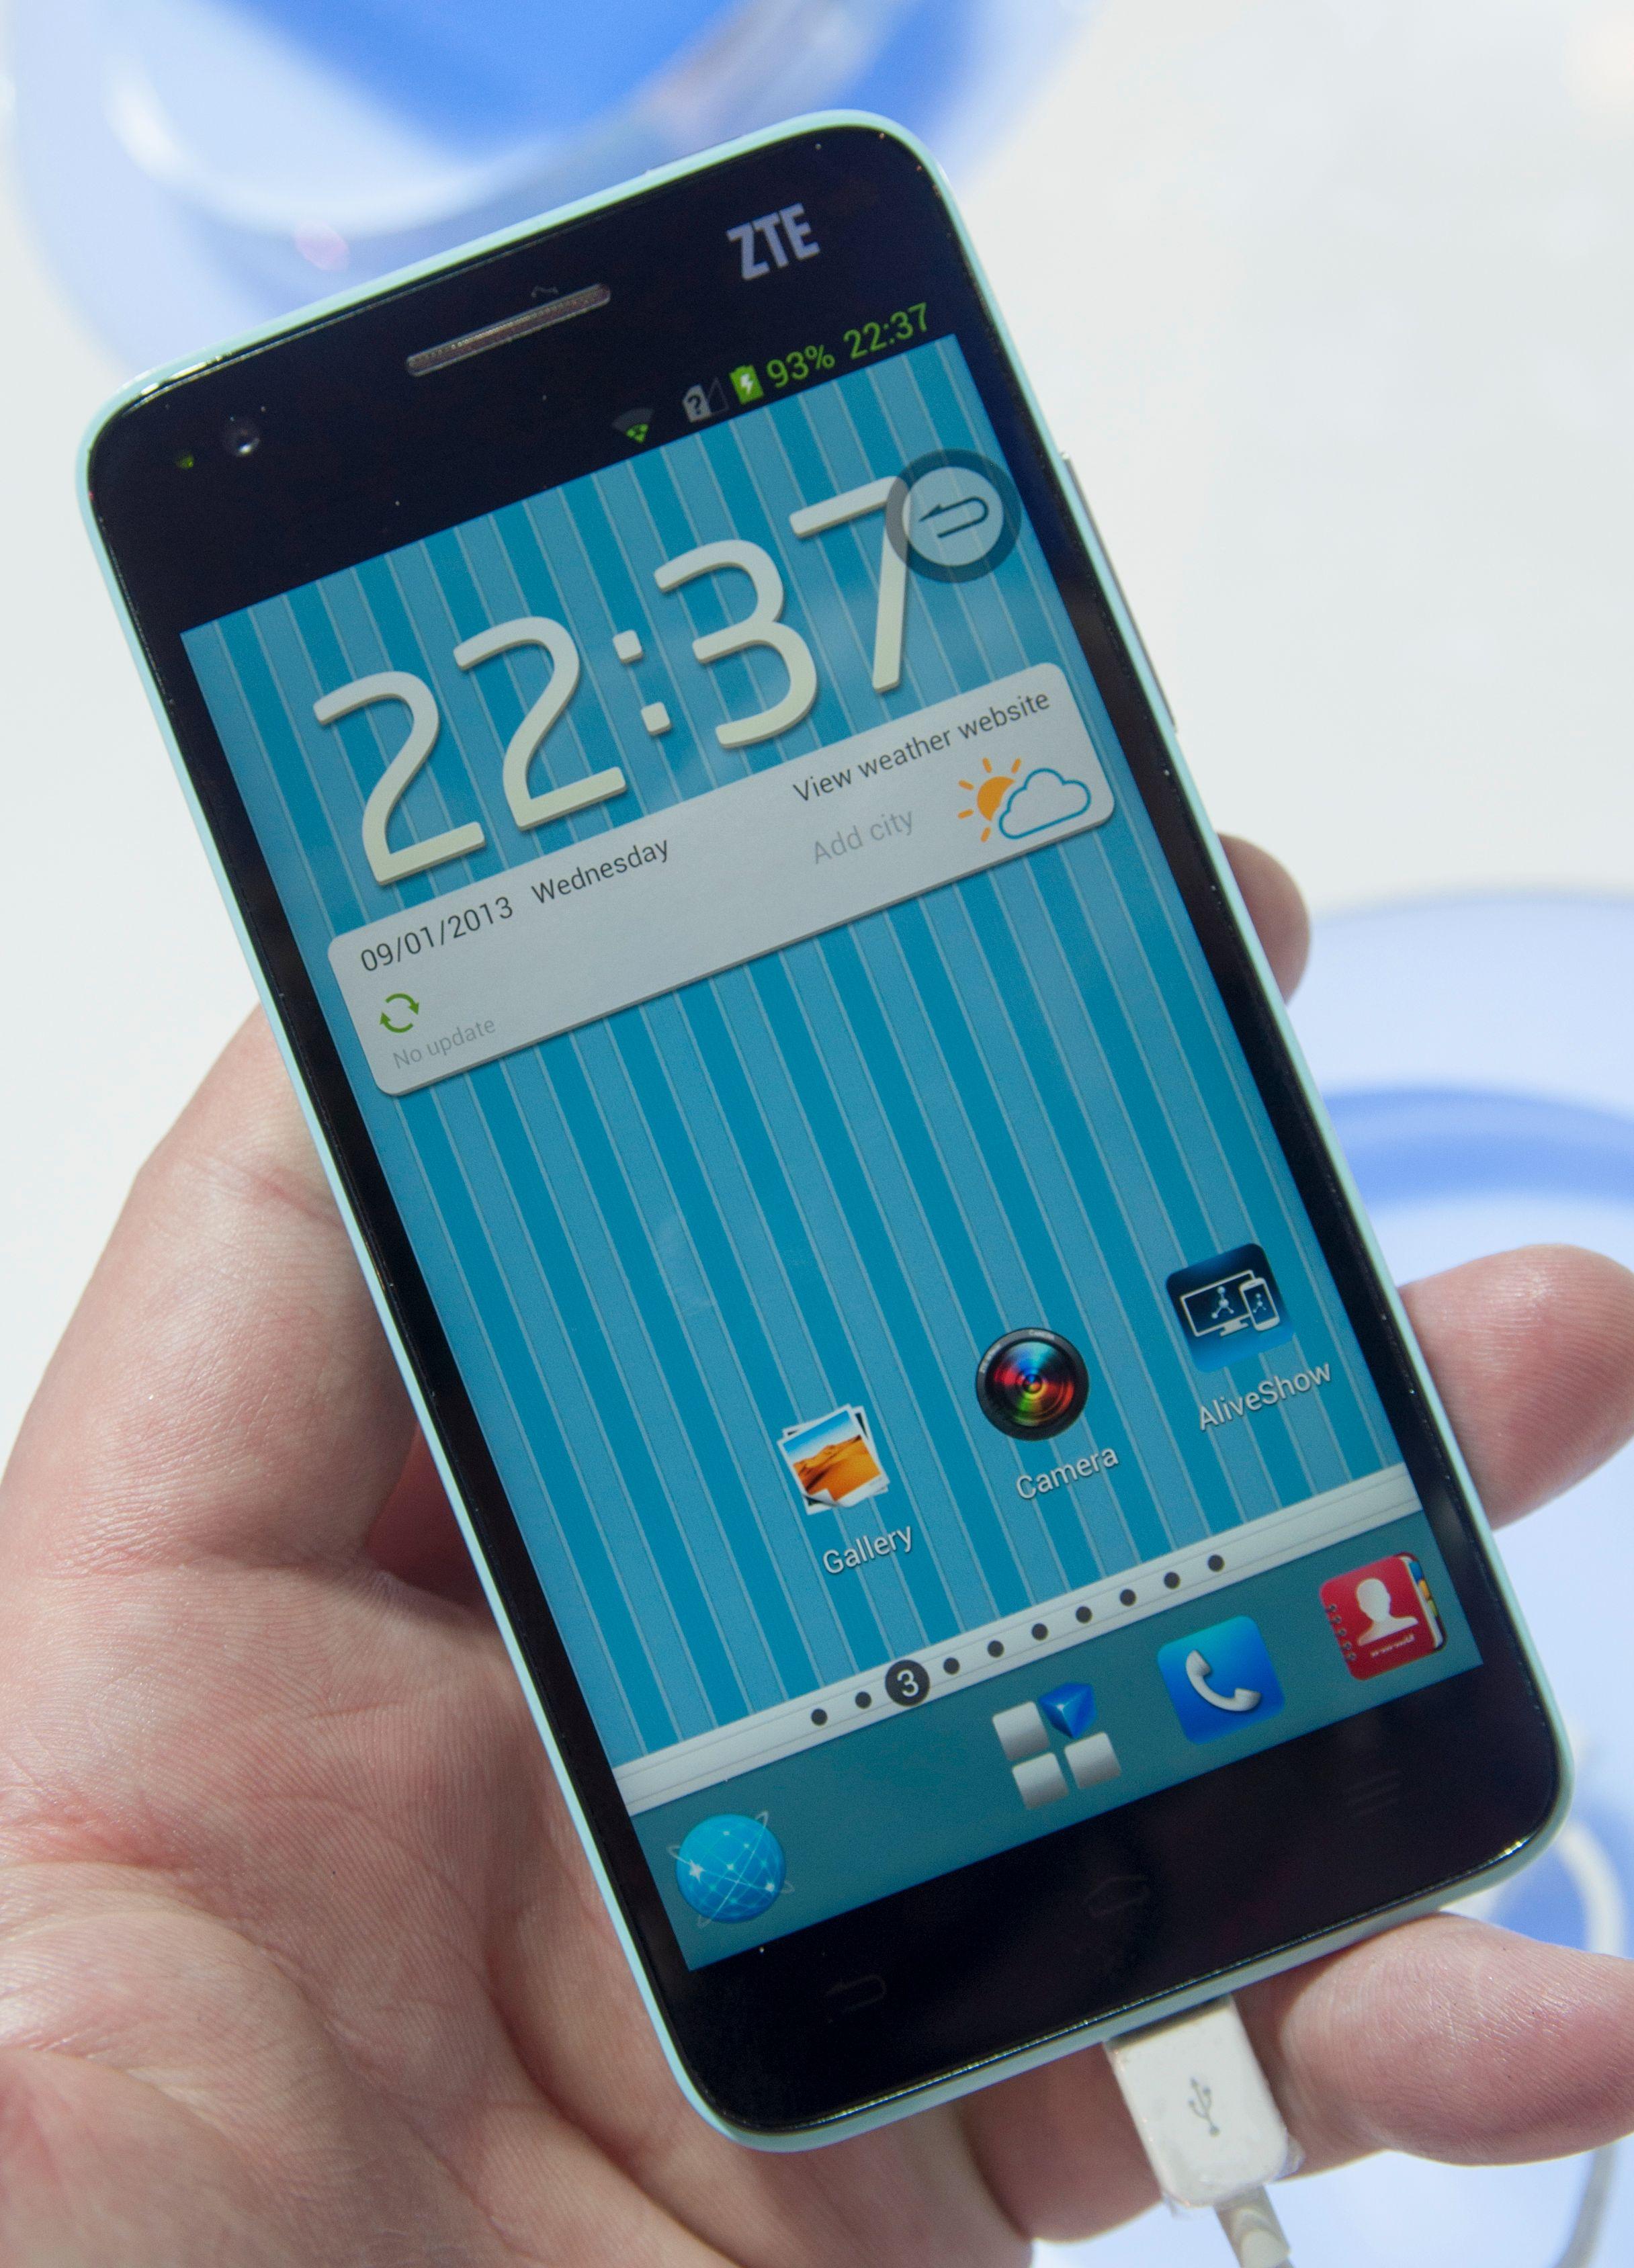 ZTE har ikke pleid å gjøre store endringer i Android. I Grand S har de gjort flere små og store endringer på programvaren.Foto: Finn Jarle Kvalheim, Amobil.no